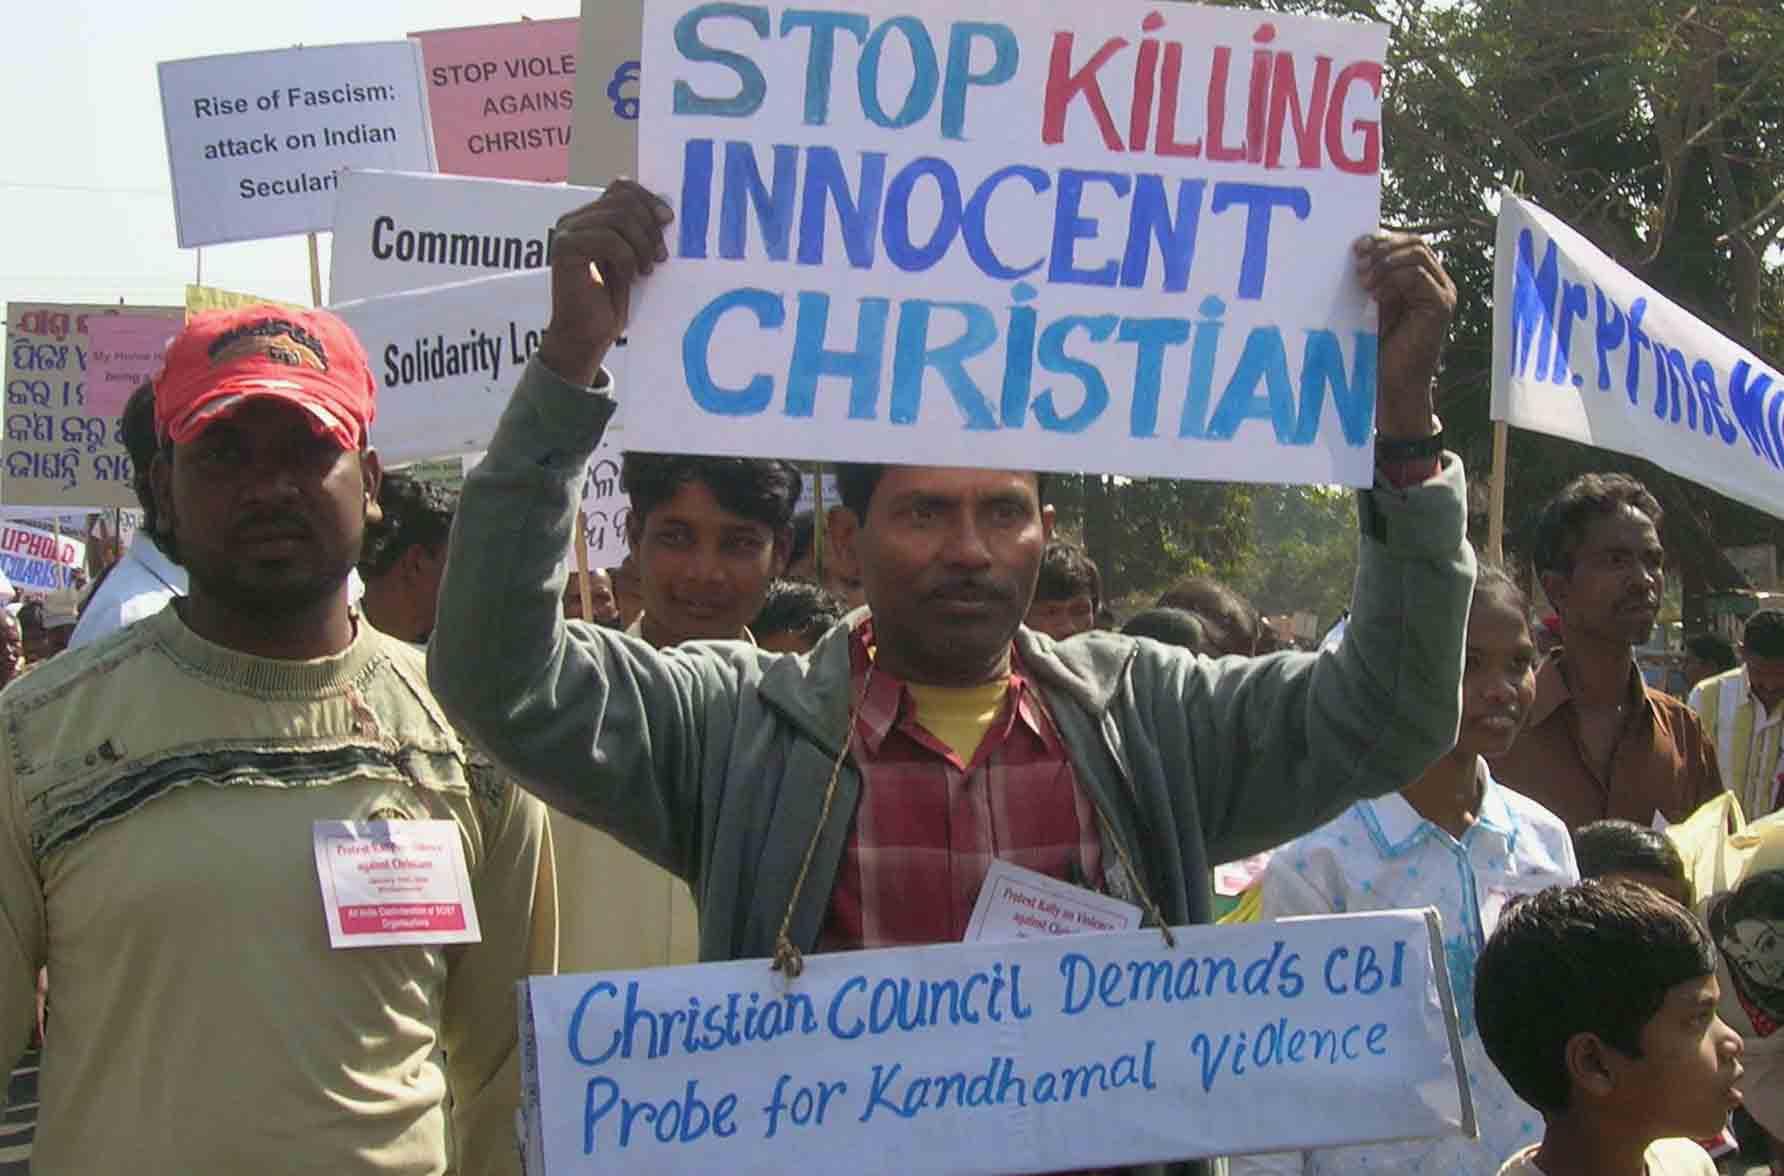 Índia, onde ser cristão é perigoso para a própria segurança